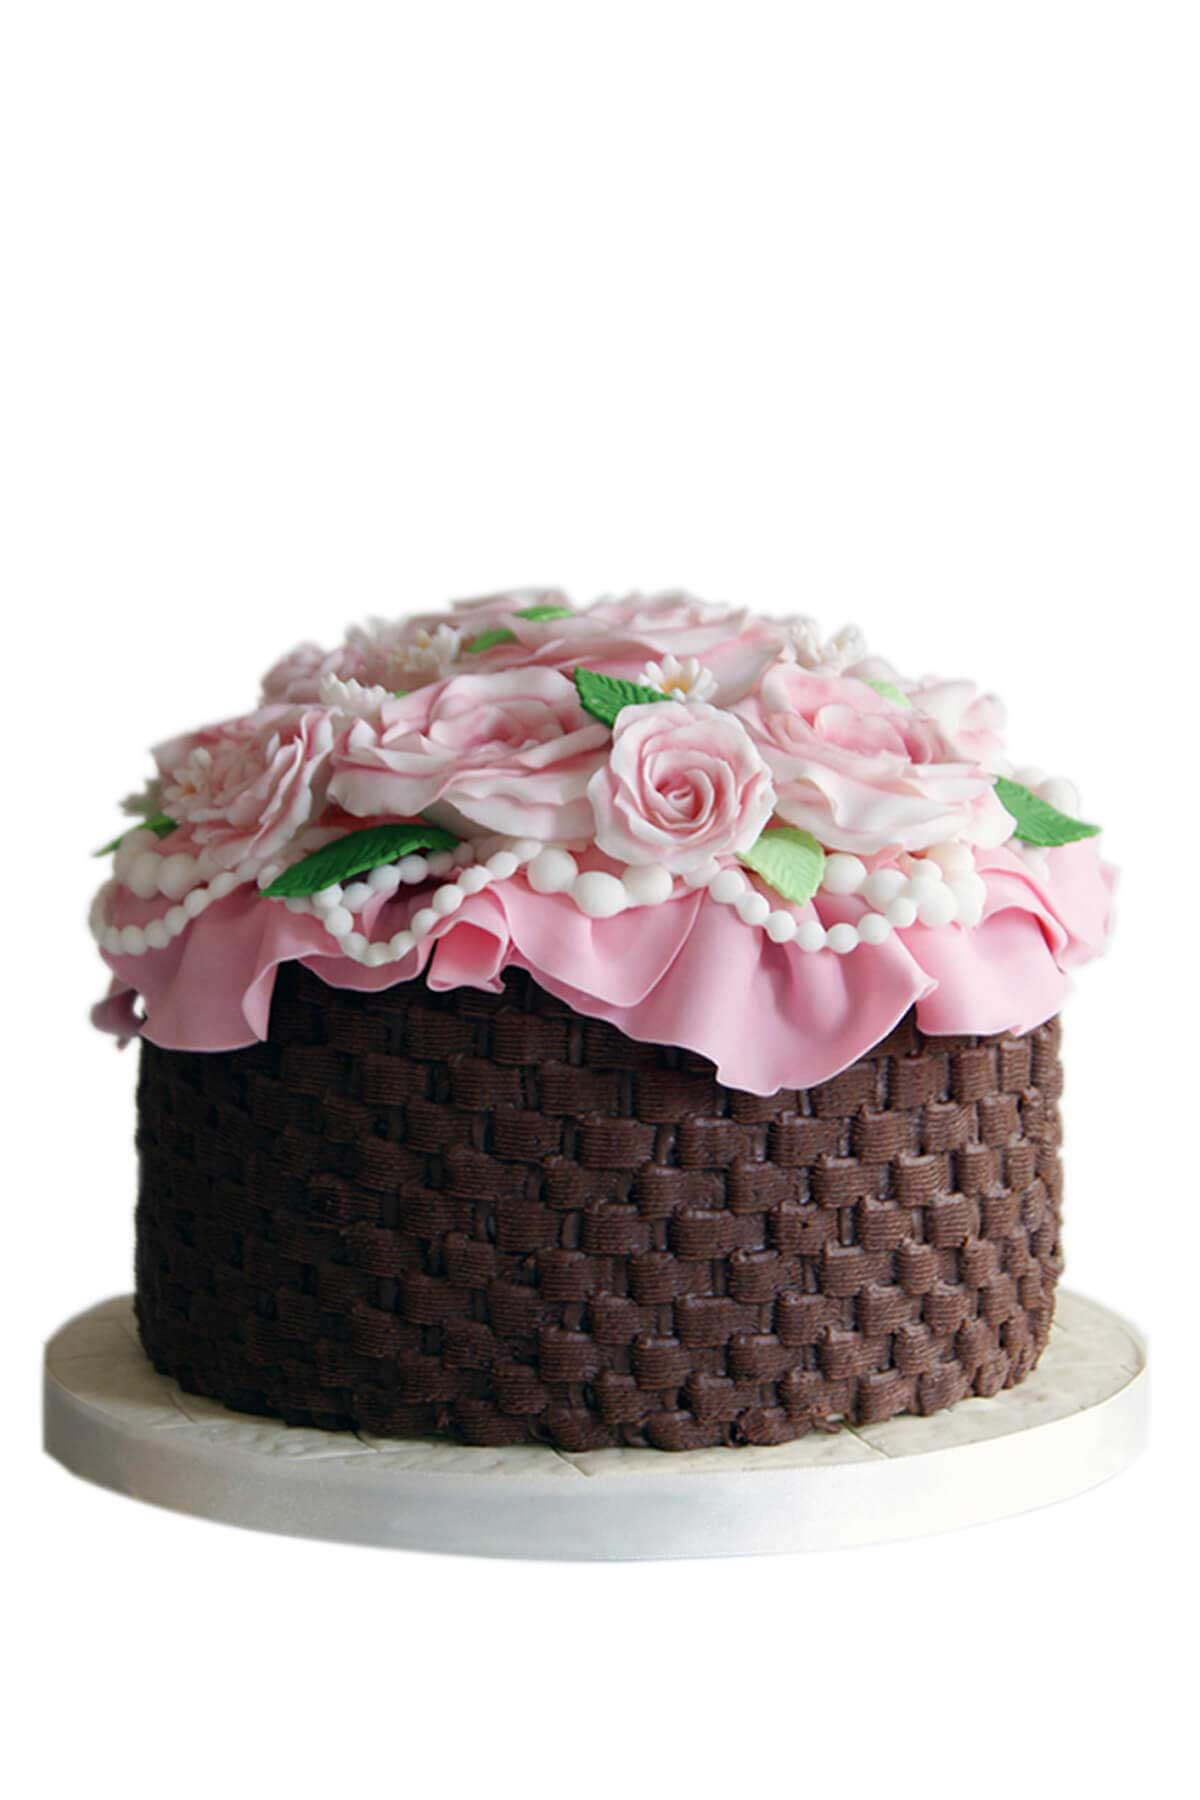 bánh kem hình giỏ hoa hồng